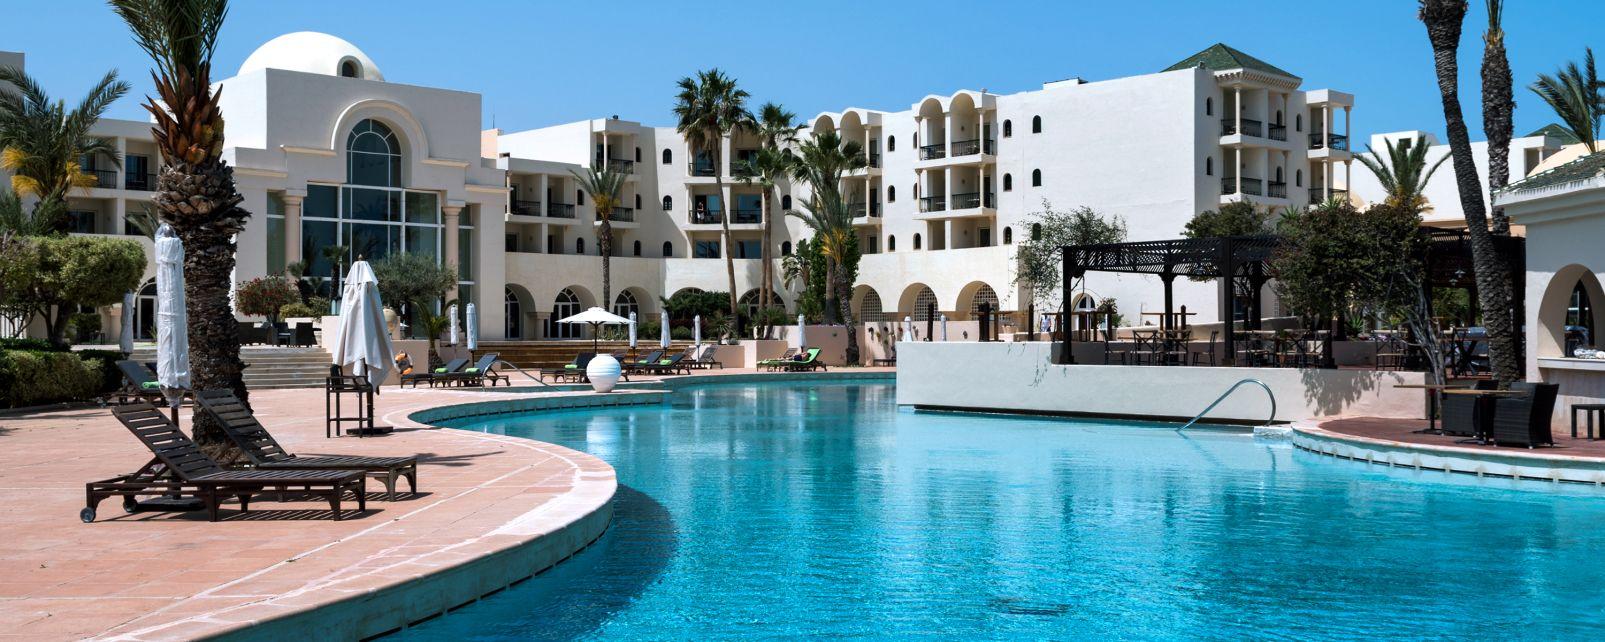 Hotel The Residence Tunis by Cenizaro